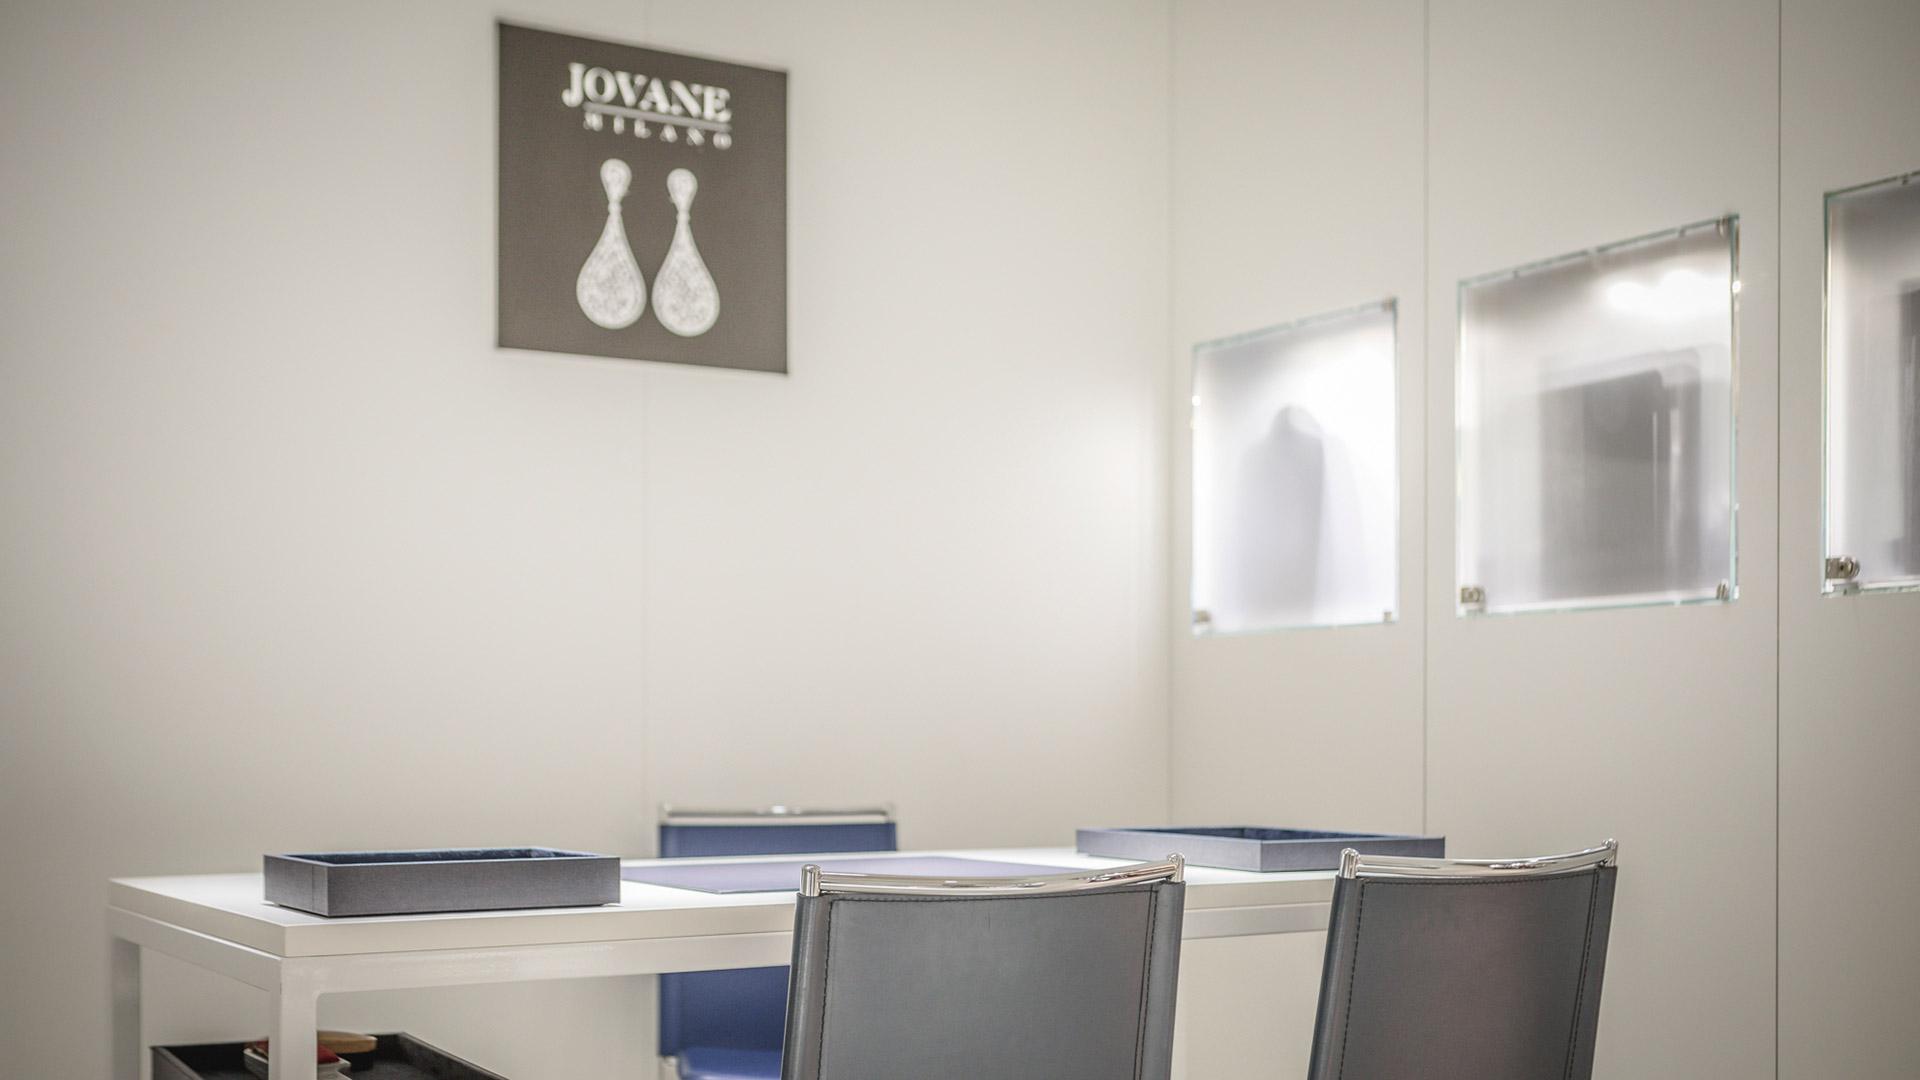 Progettazione stand fiera VicenzaOro - Jovane Milano | Foster Allestimenti 02